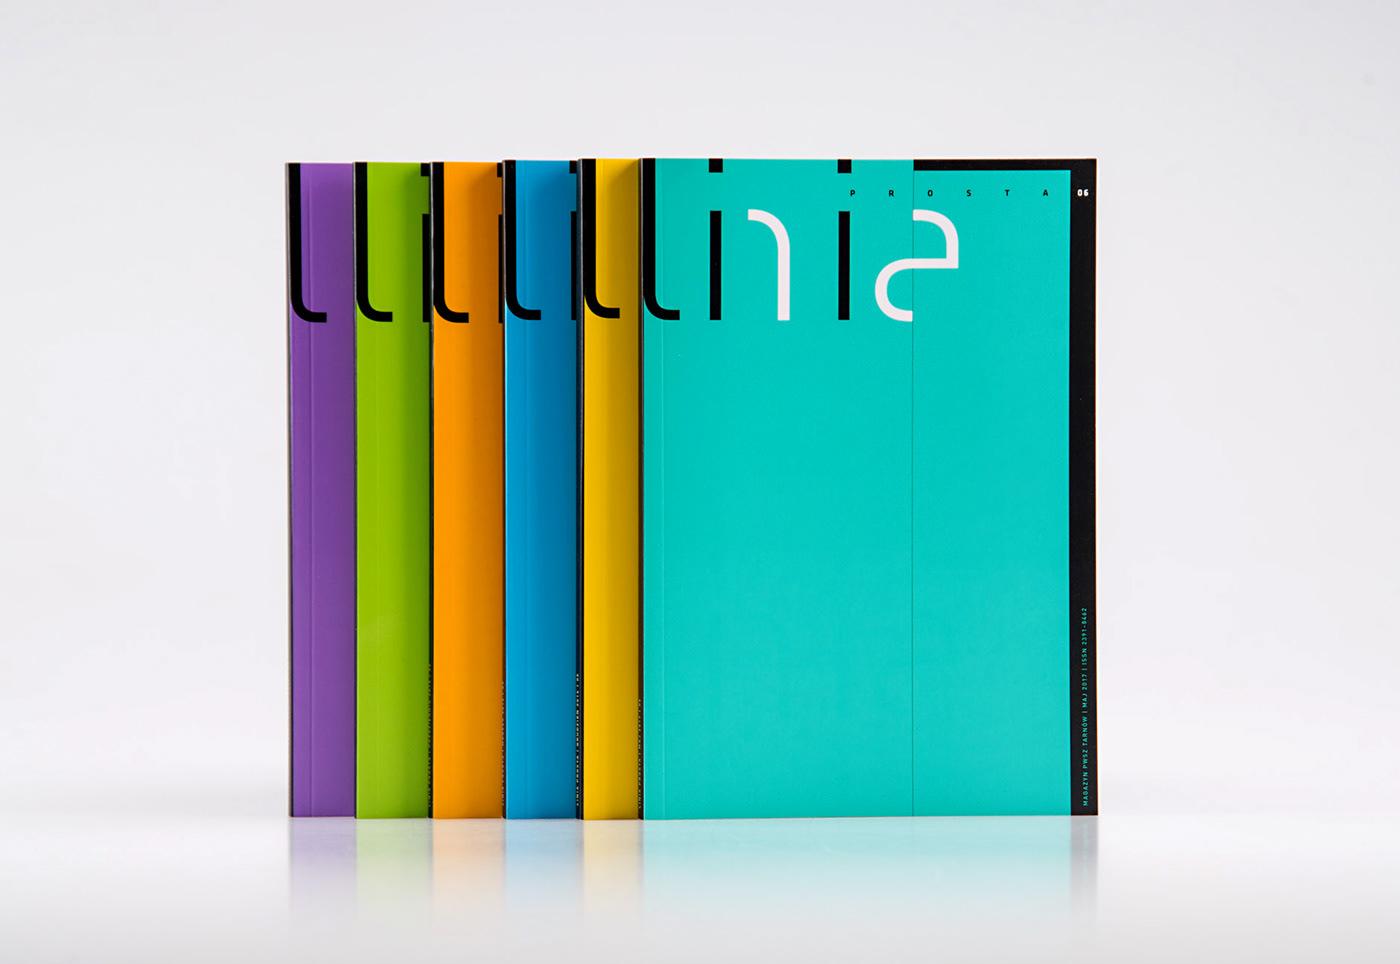 精緻的26套雜誌文字排版欣賞